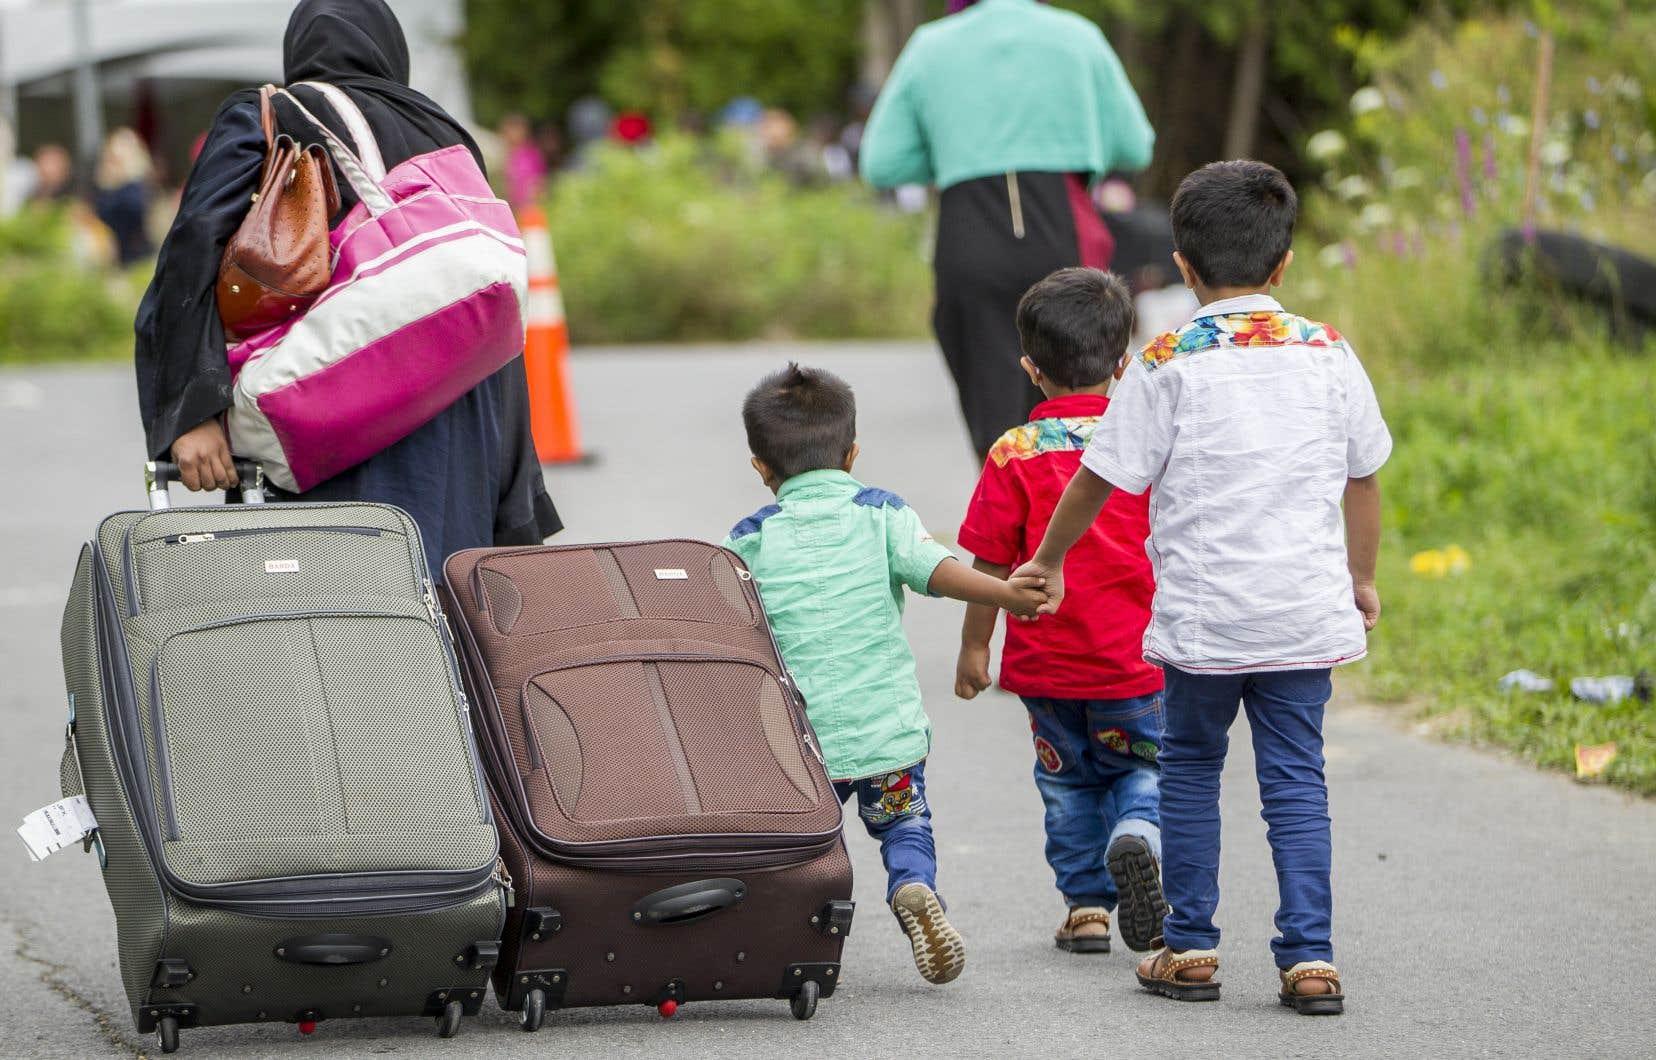 Nous sommes émus par le sort des réfugiés et des migrants, mais l'idée de les recevoir chez nous ne passe pas facilement la rampe, souligne l'auteur.